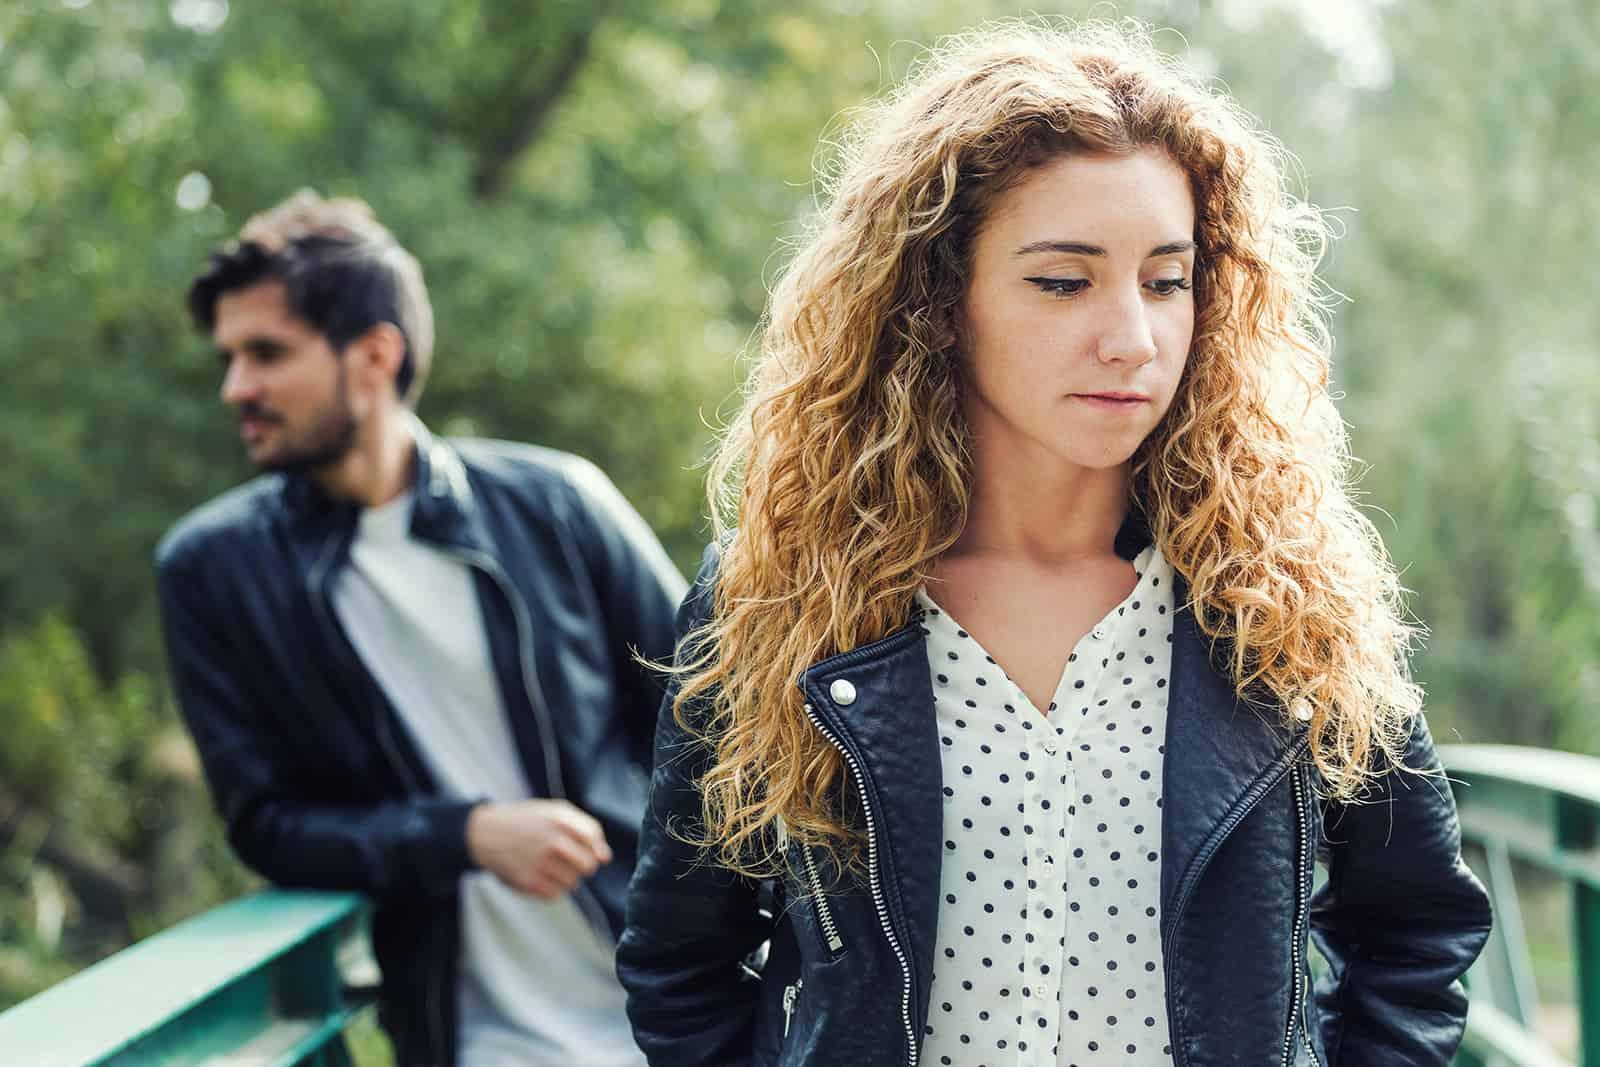 nachdenkliche Frau, die vor ihrem Freund auf der Brücke geht